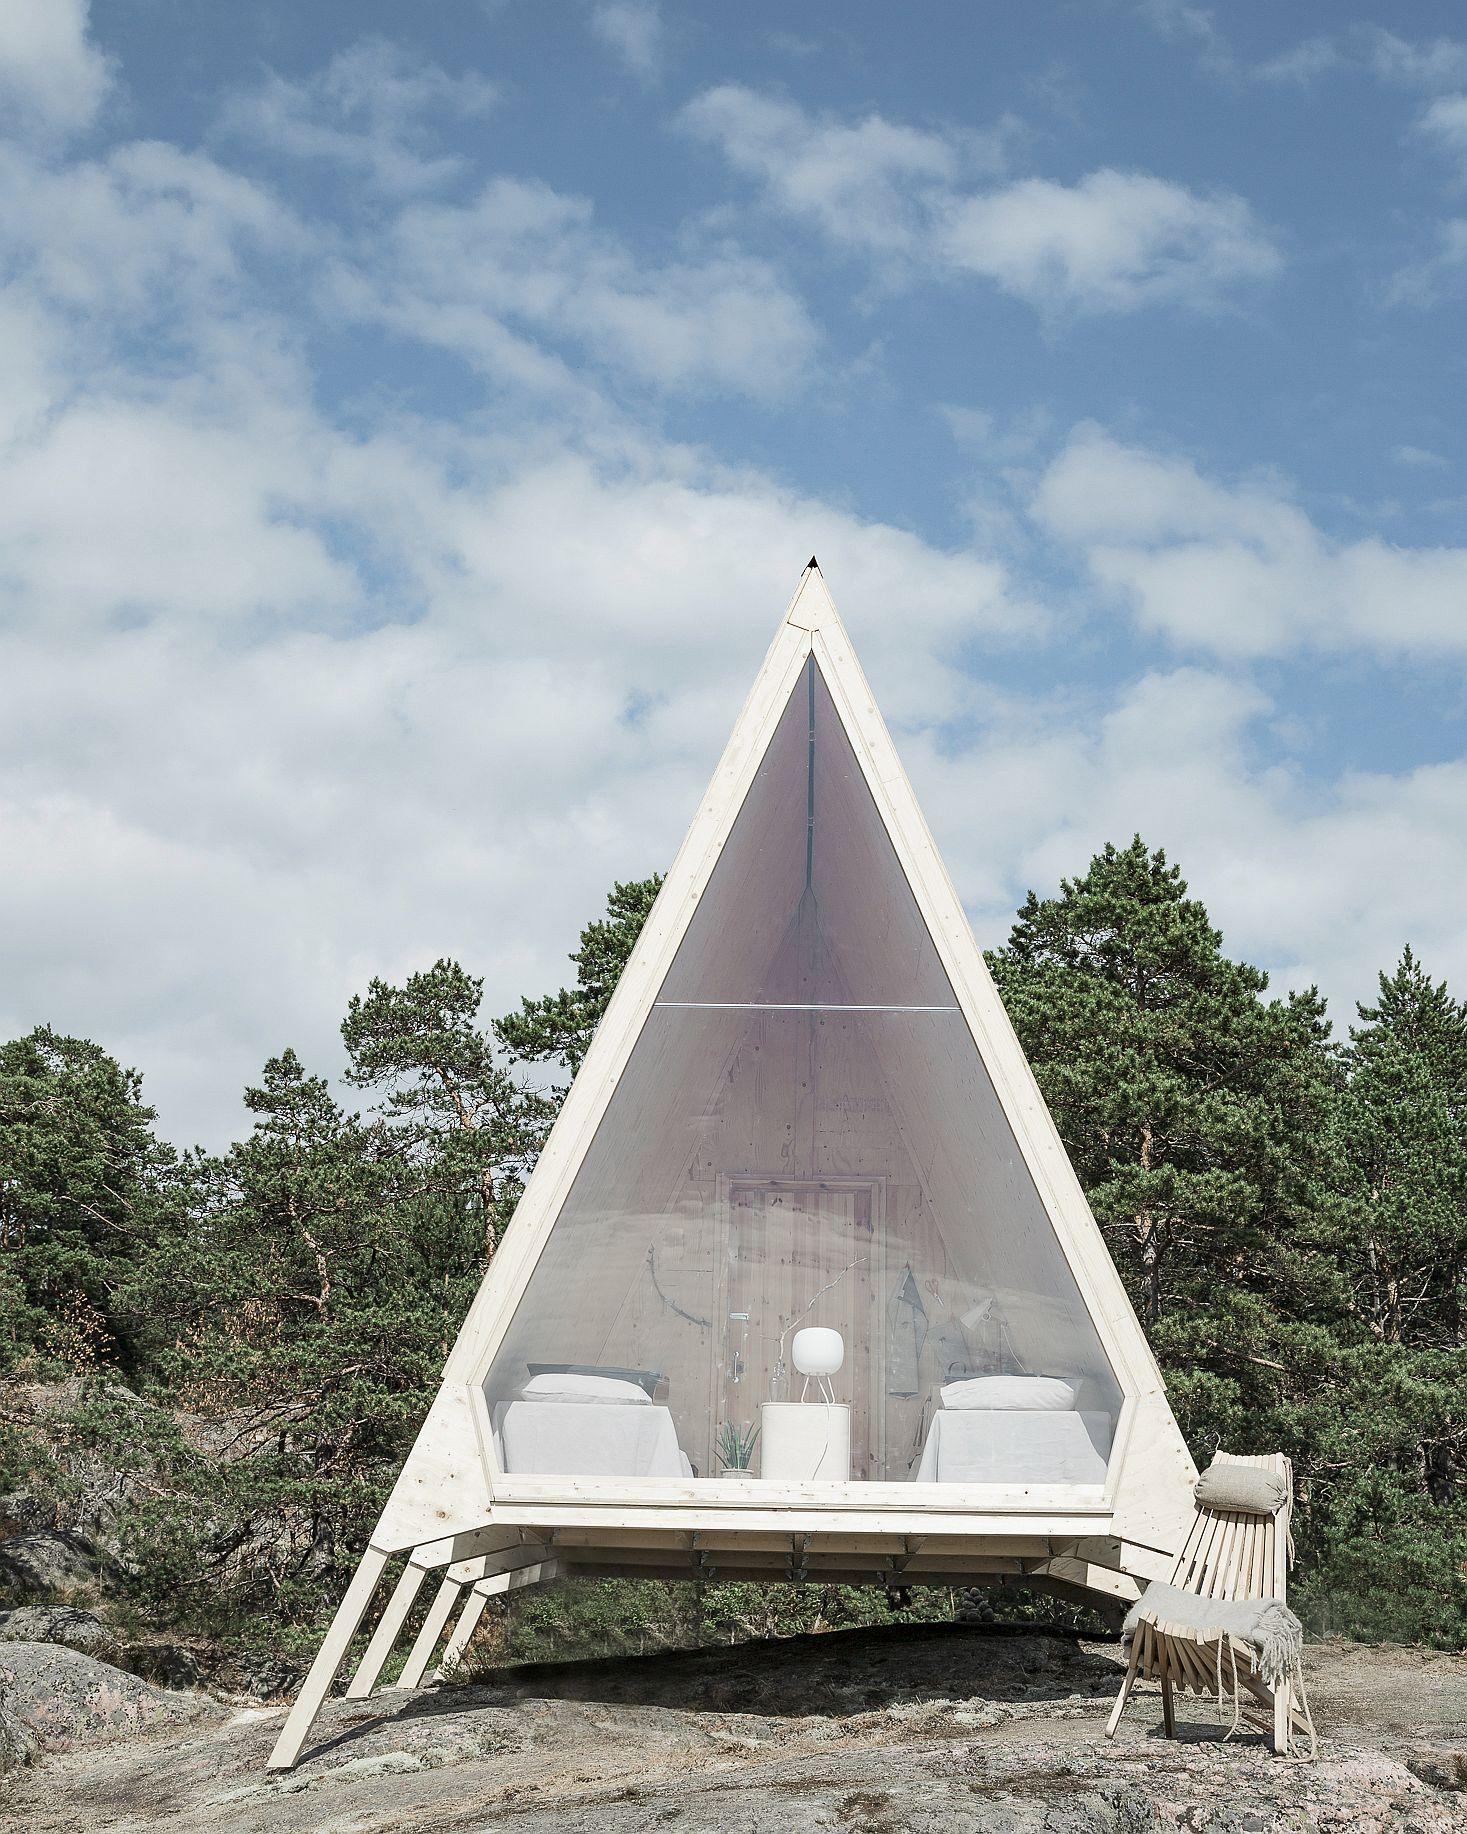 Nolla designed by Finnish designer Robin Falck for Neste